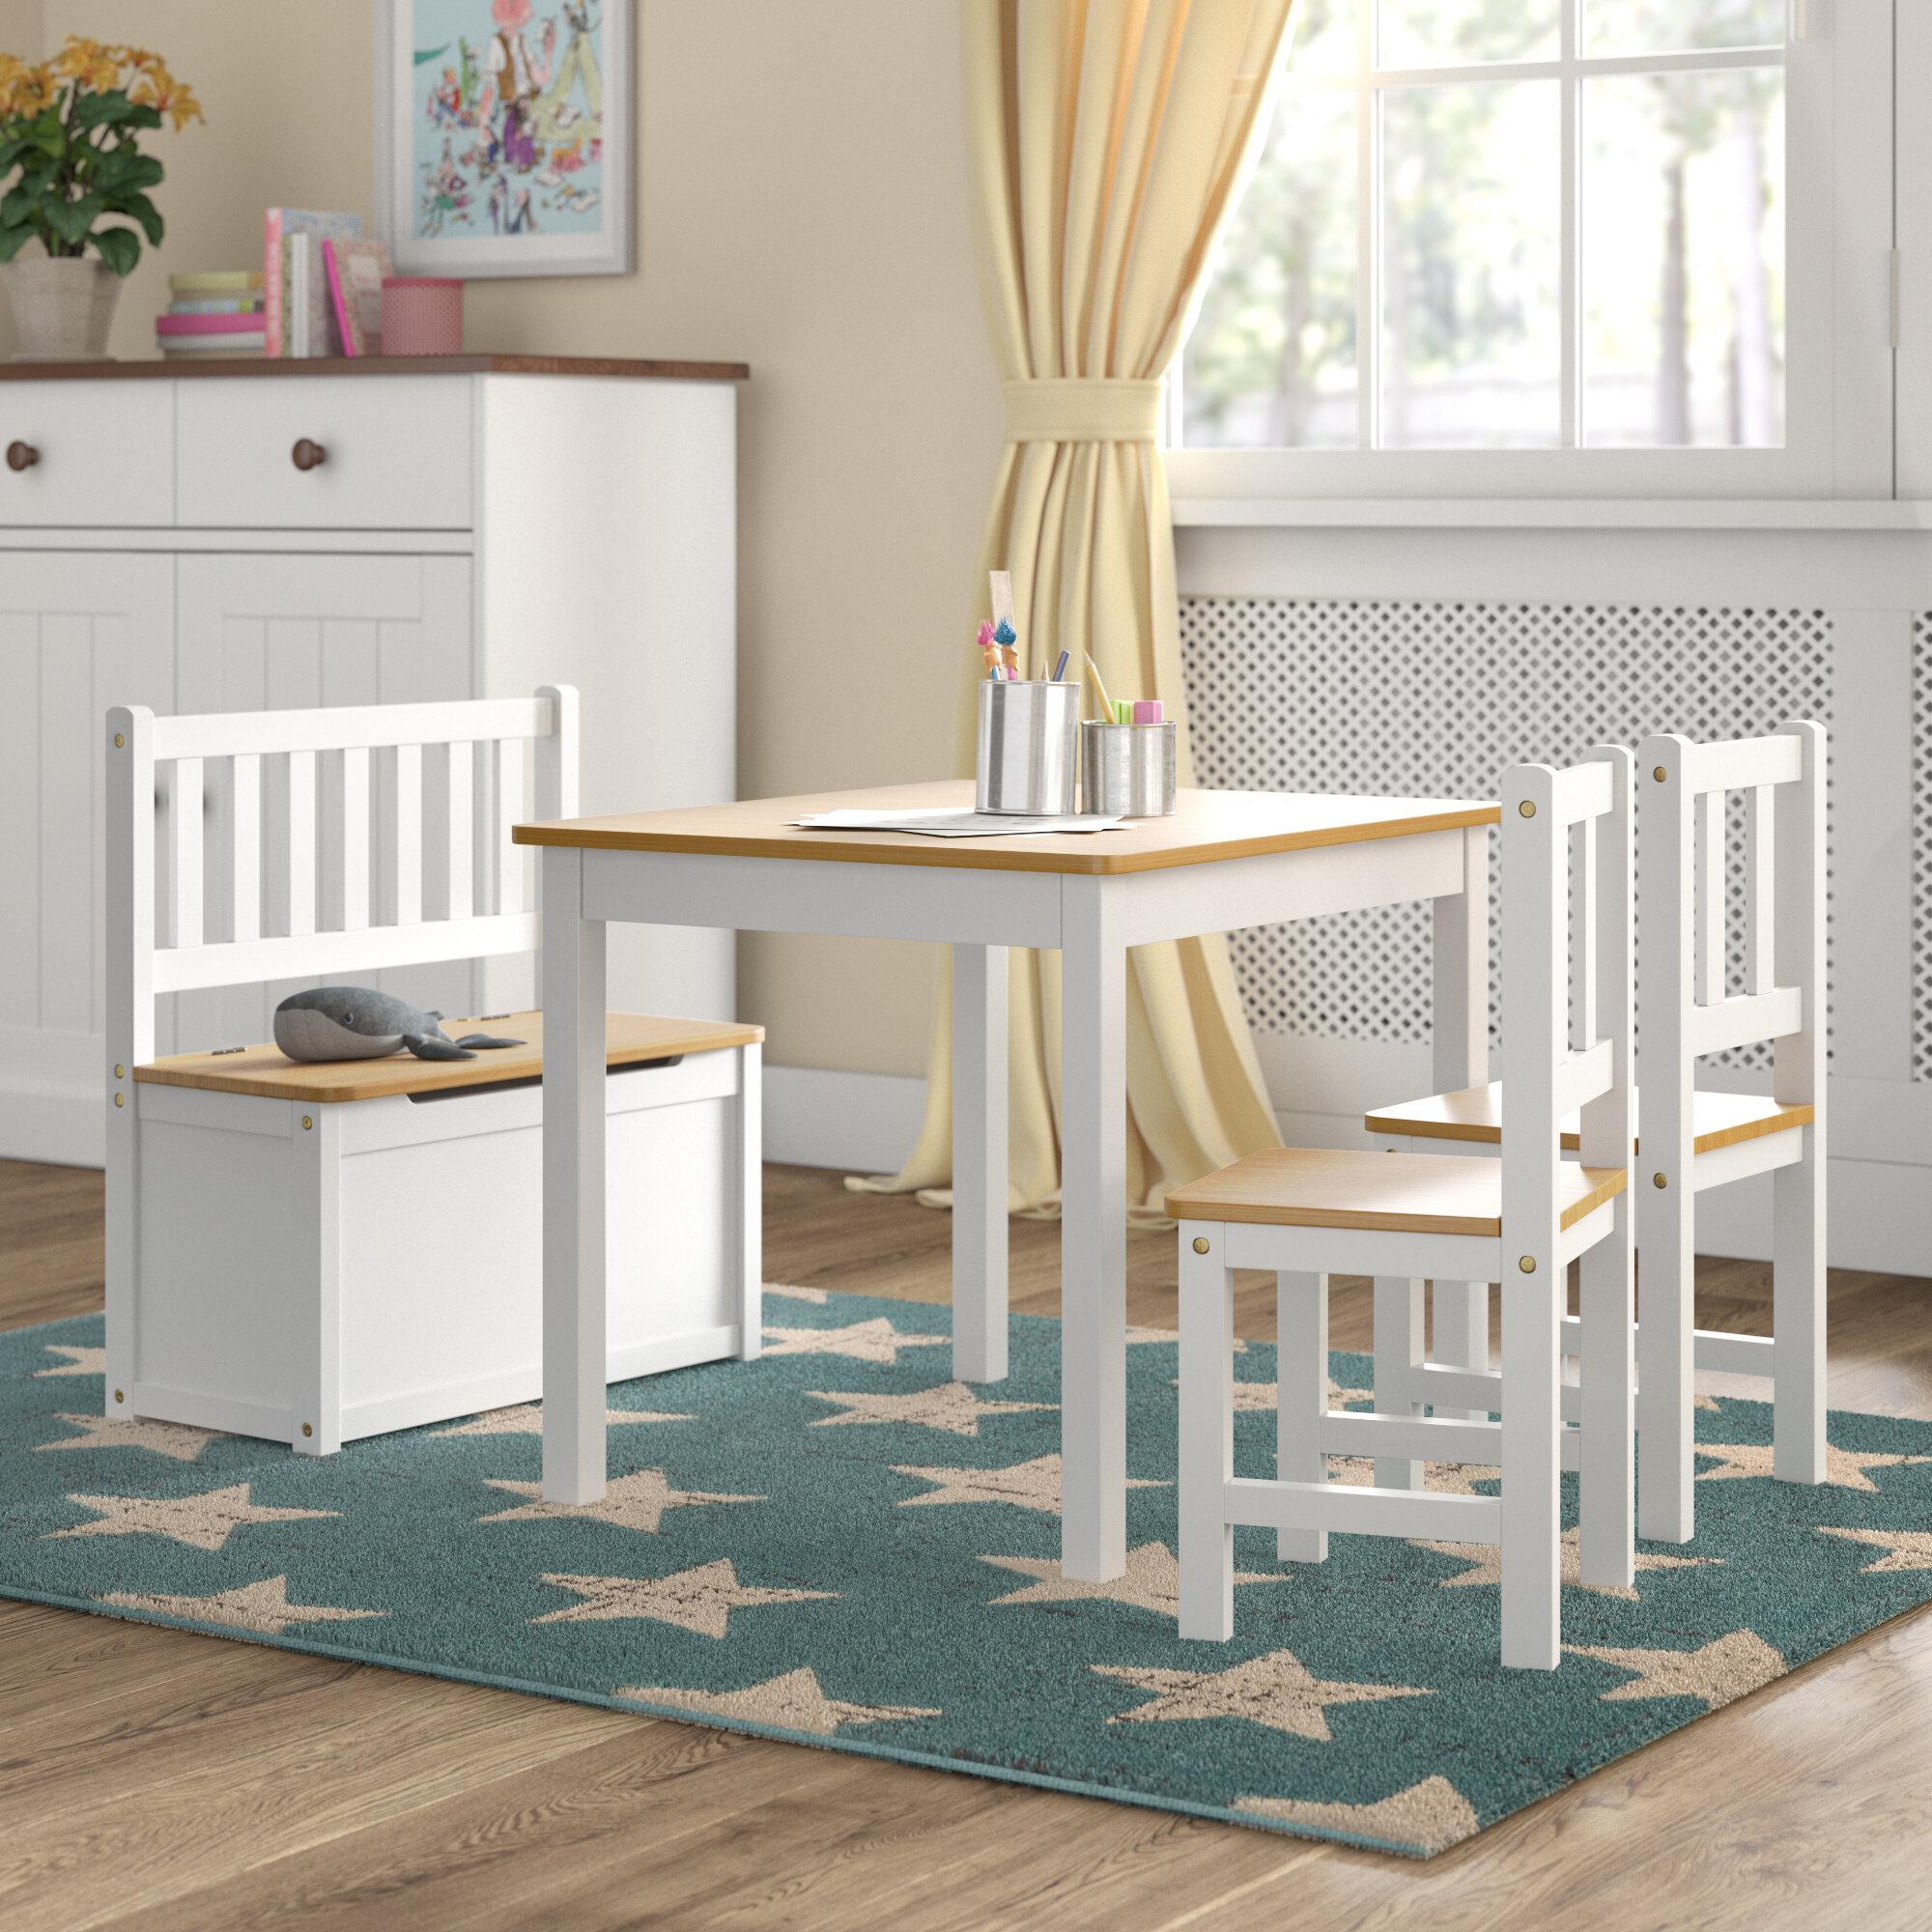 767d594eaeffce Harriet Bee 4-tlg. Kinder Tisch und Stuhl-Set Erick   Bewertungen ...